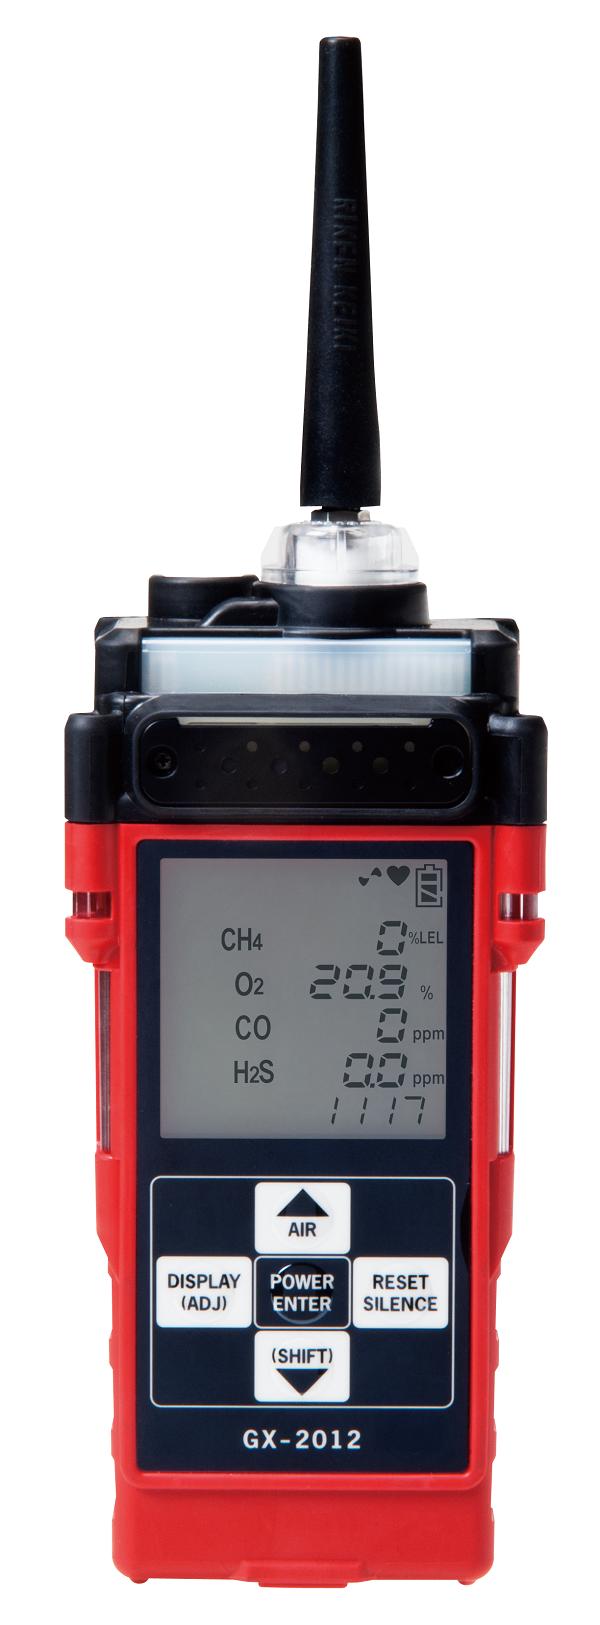 便携式气体监测仪GX-2012